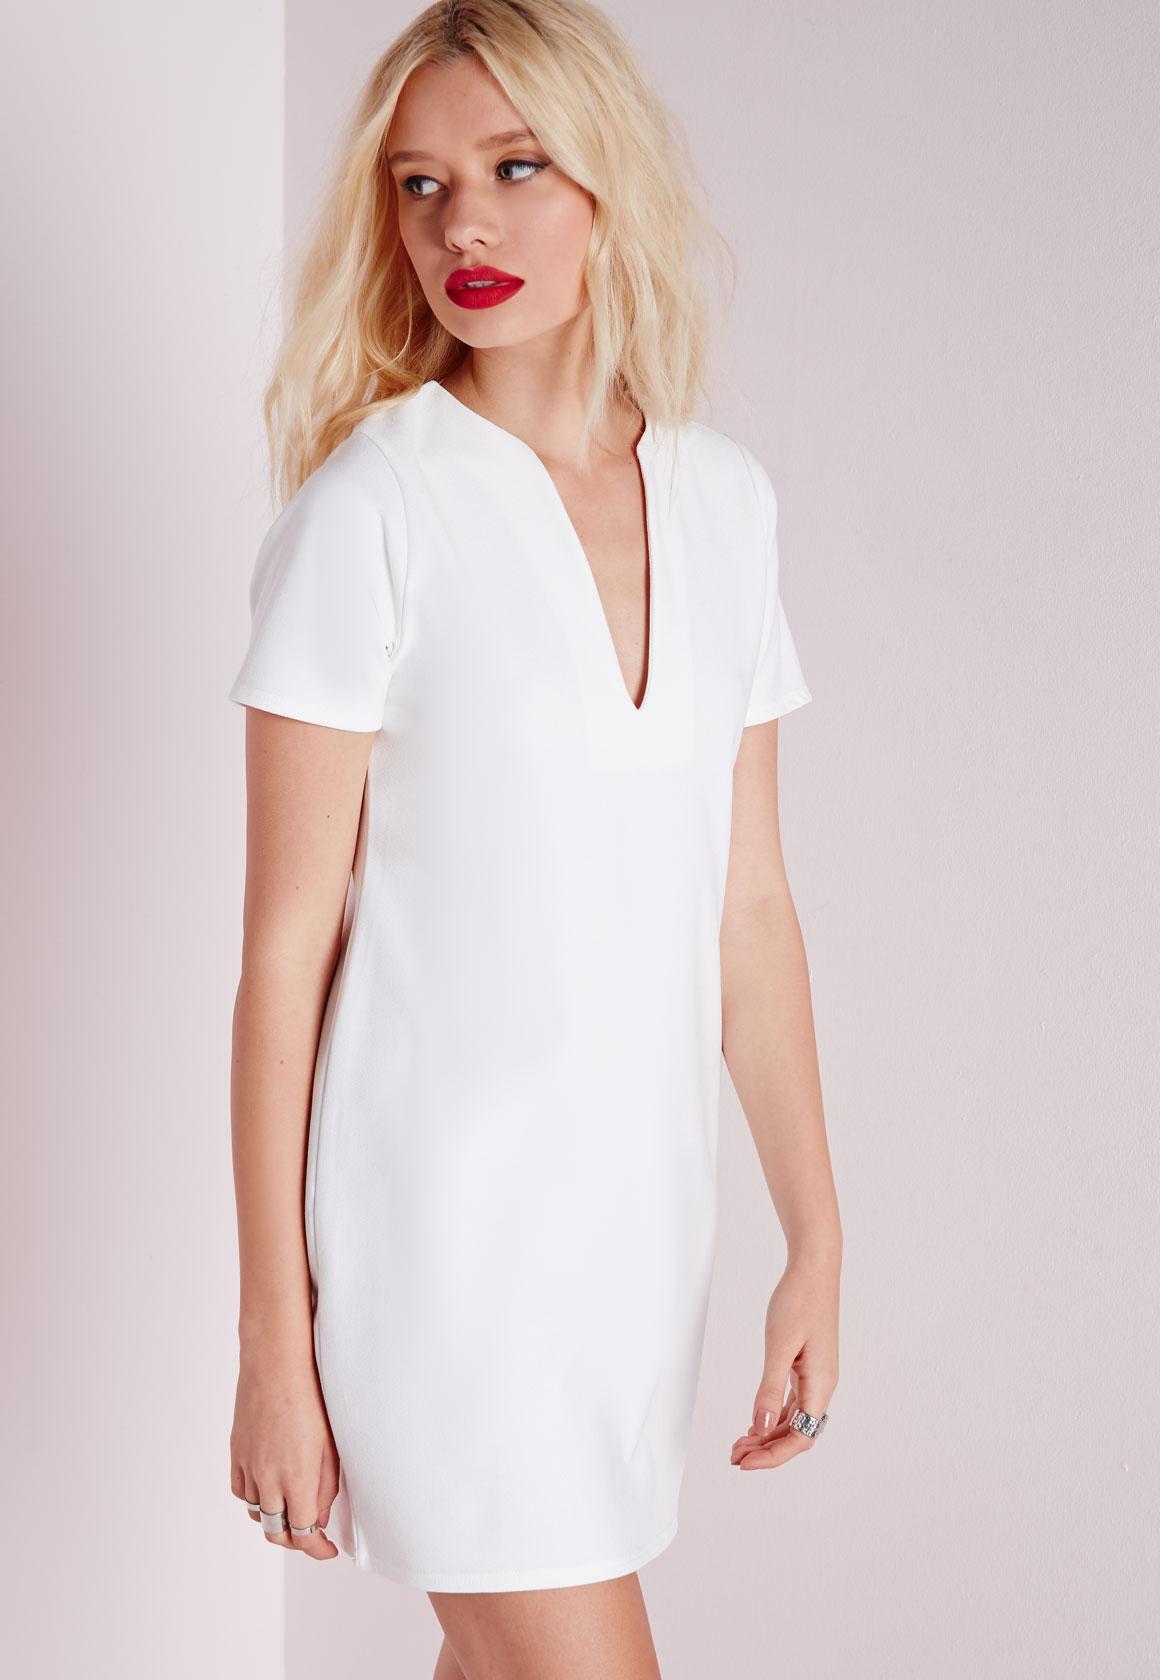 dd83bd56f4d8 Deep V Plunge Shift Dress White